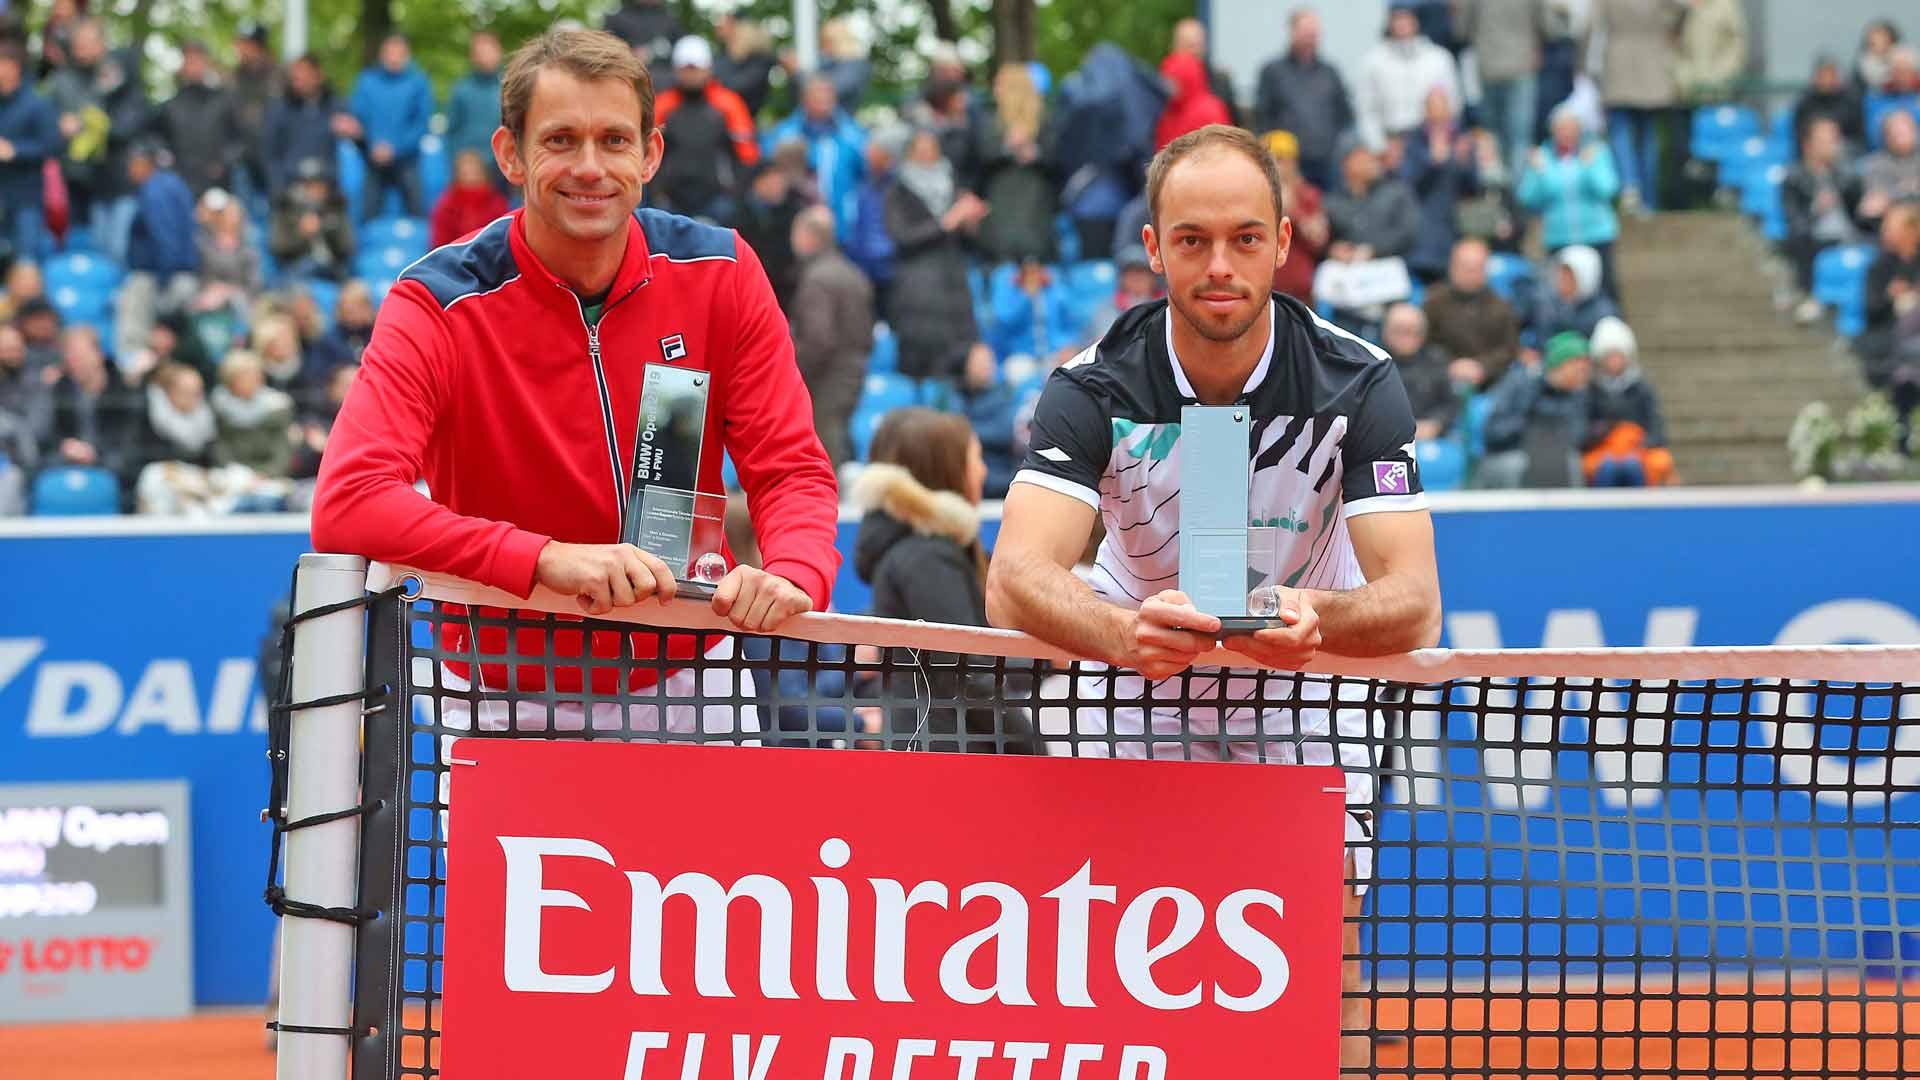 ATP MUNICH 2019 - Page 3 Nielsen-puetz-munich-2019-trophy